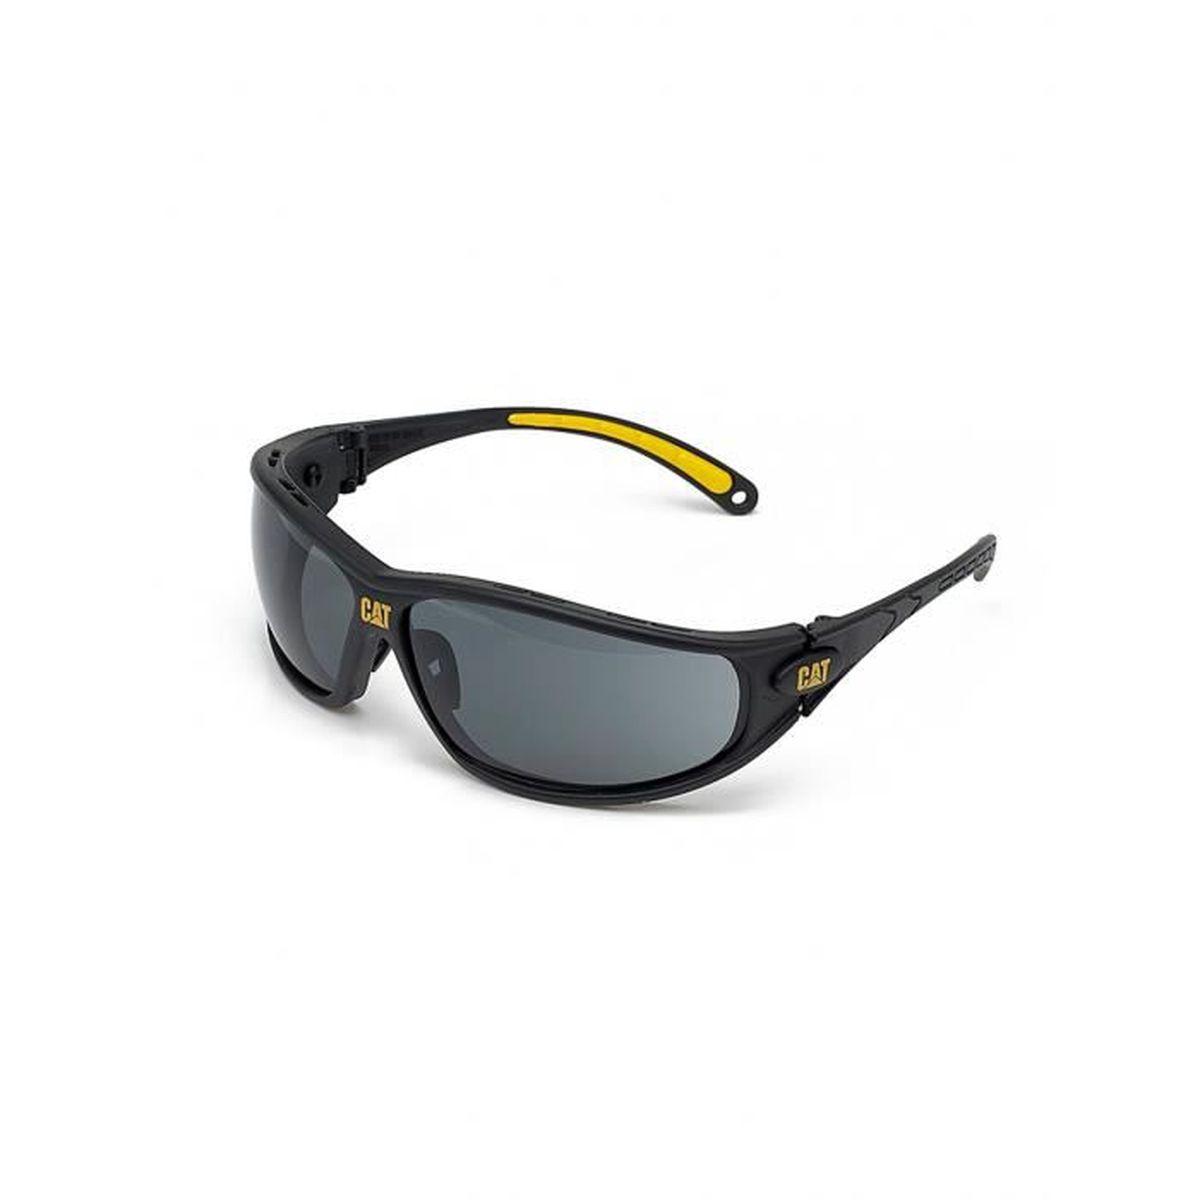 Caterpillar - Lunettes de sécurité à monture - Achat   Vente lunette ... 41e3f1944f23